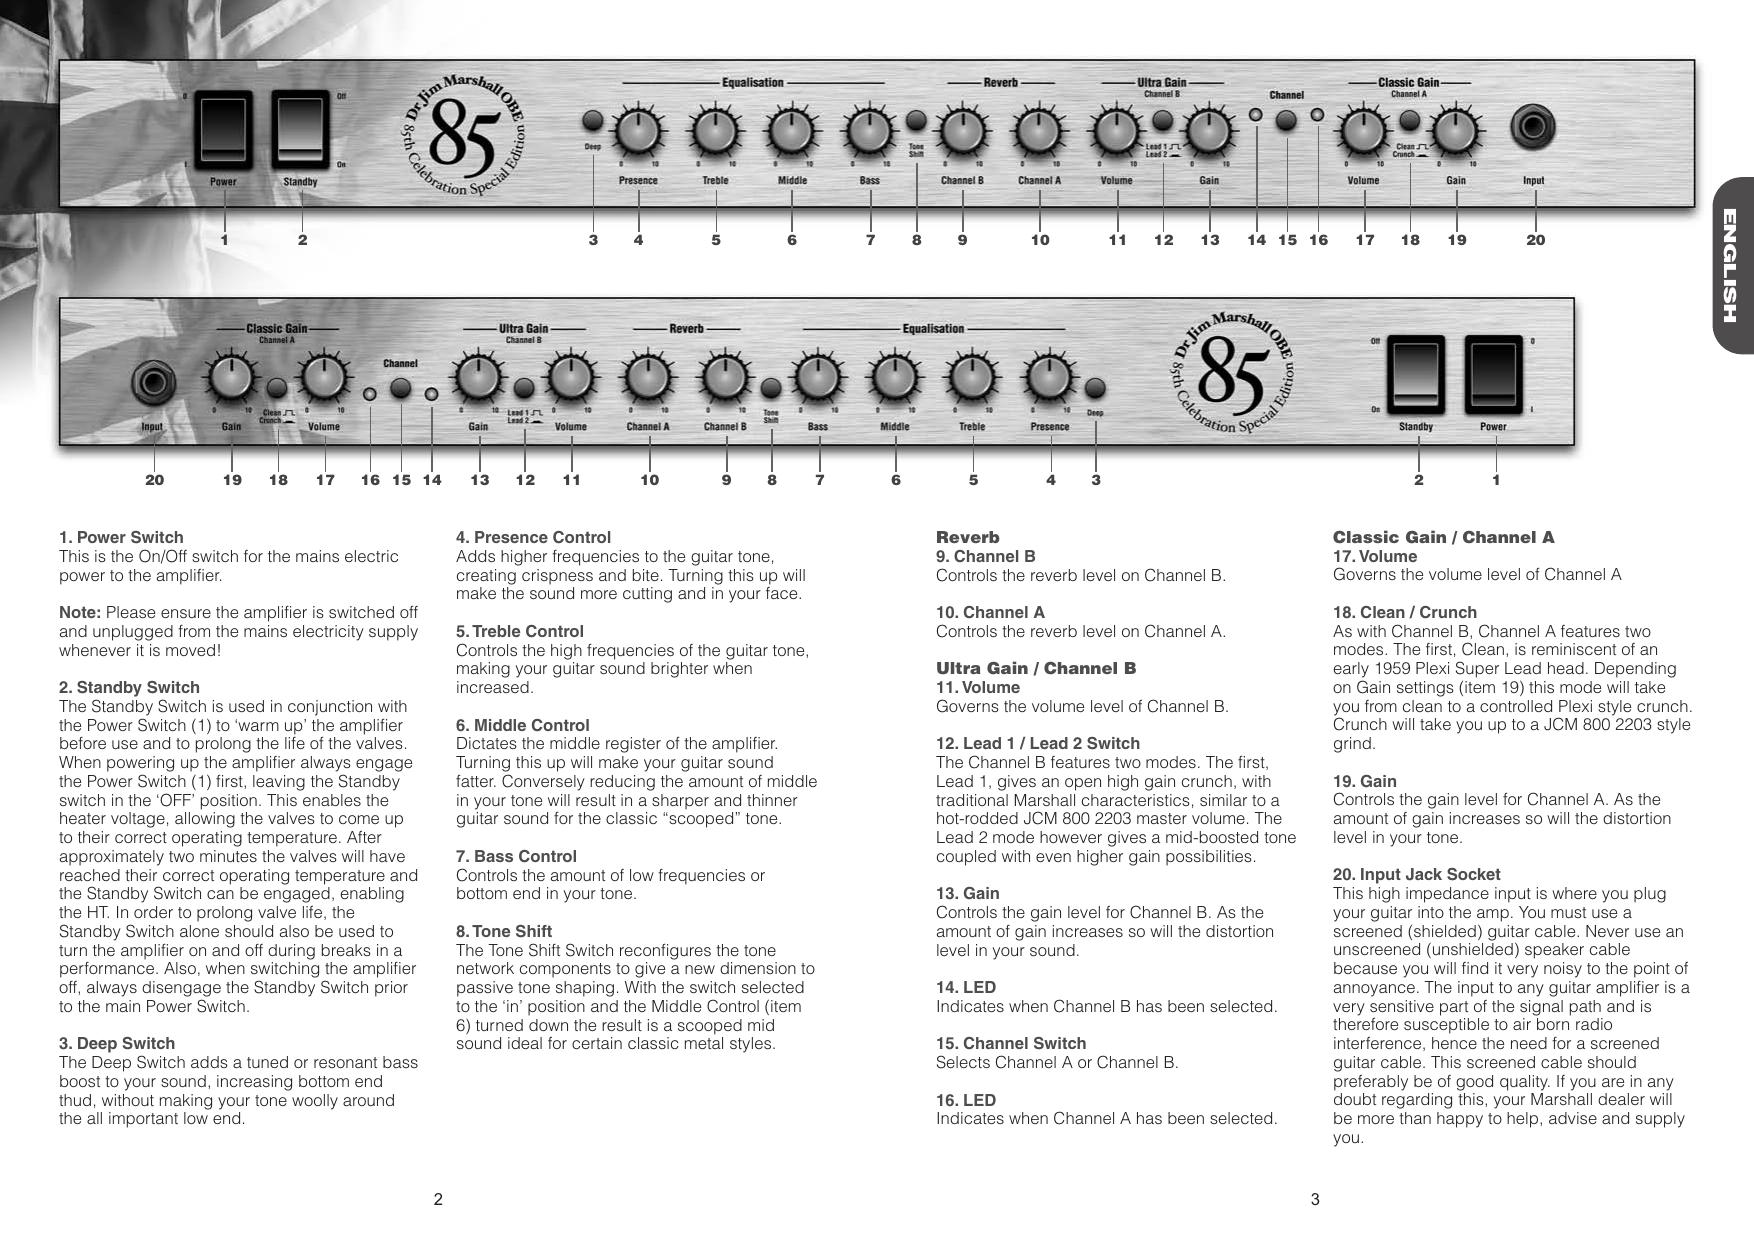 Page 3 of 4 - Marshall Marshall-1923-Users-Manual-  Marshall-1923-users-manual